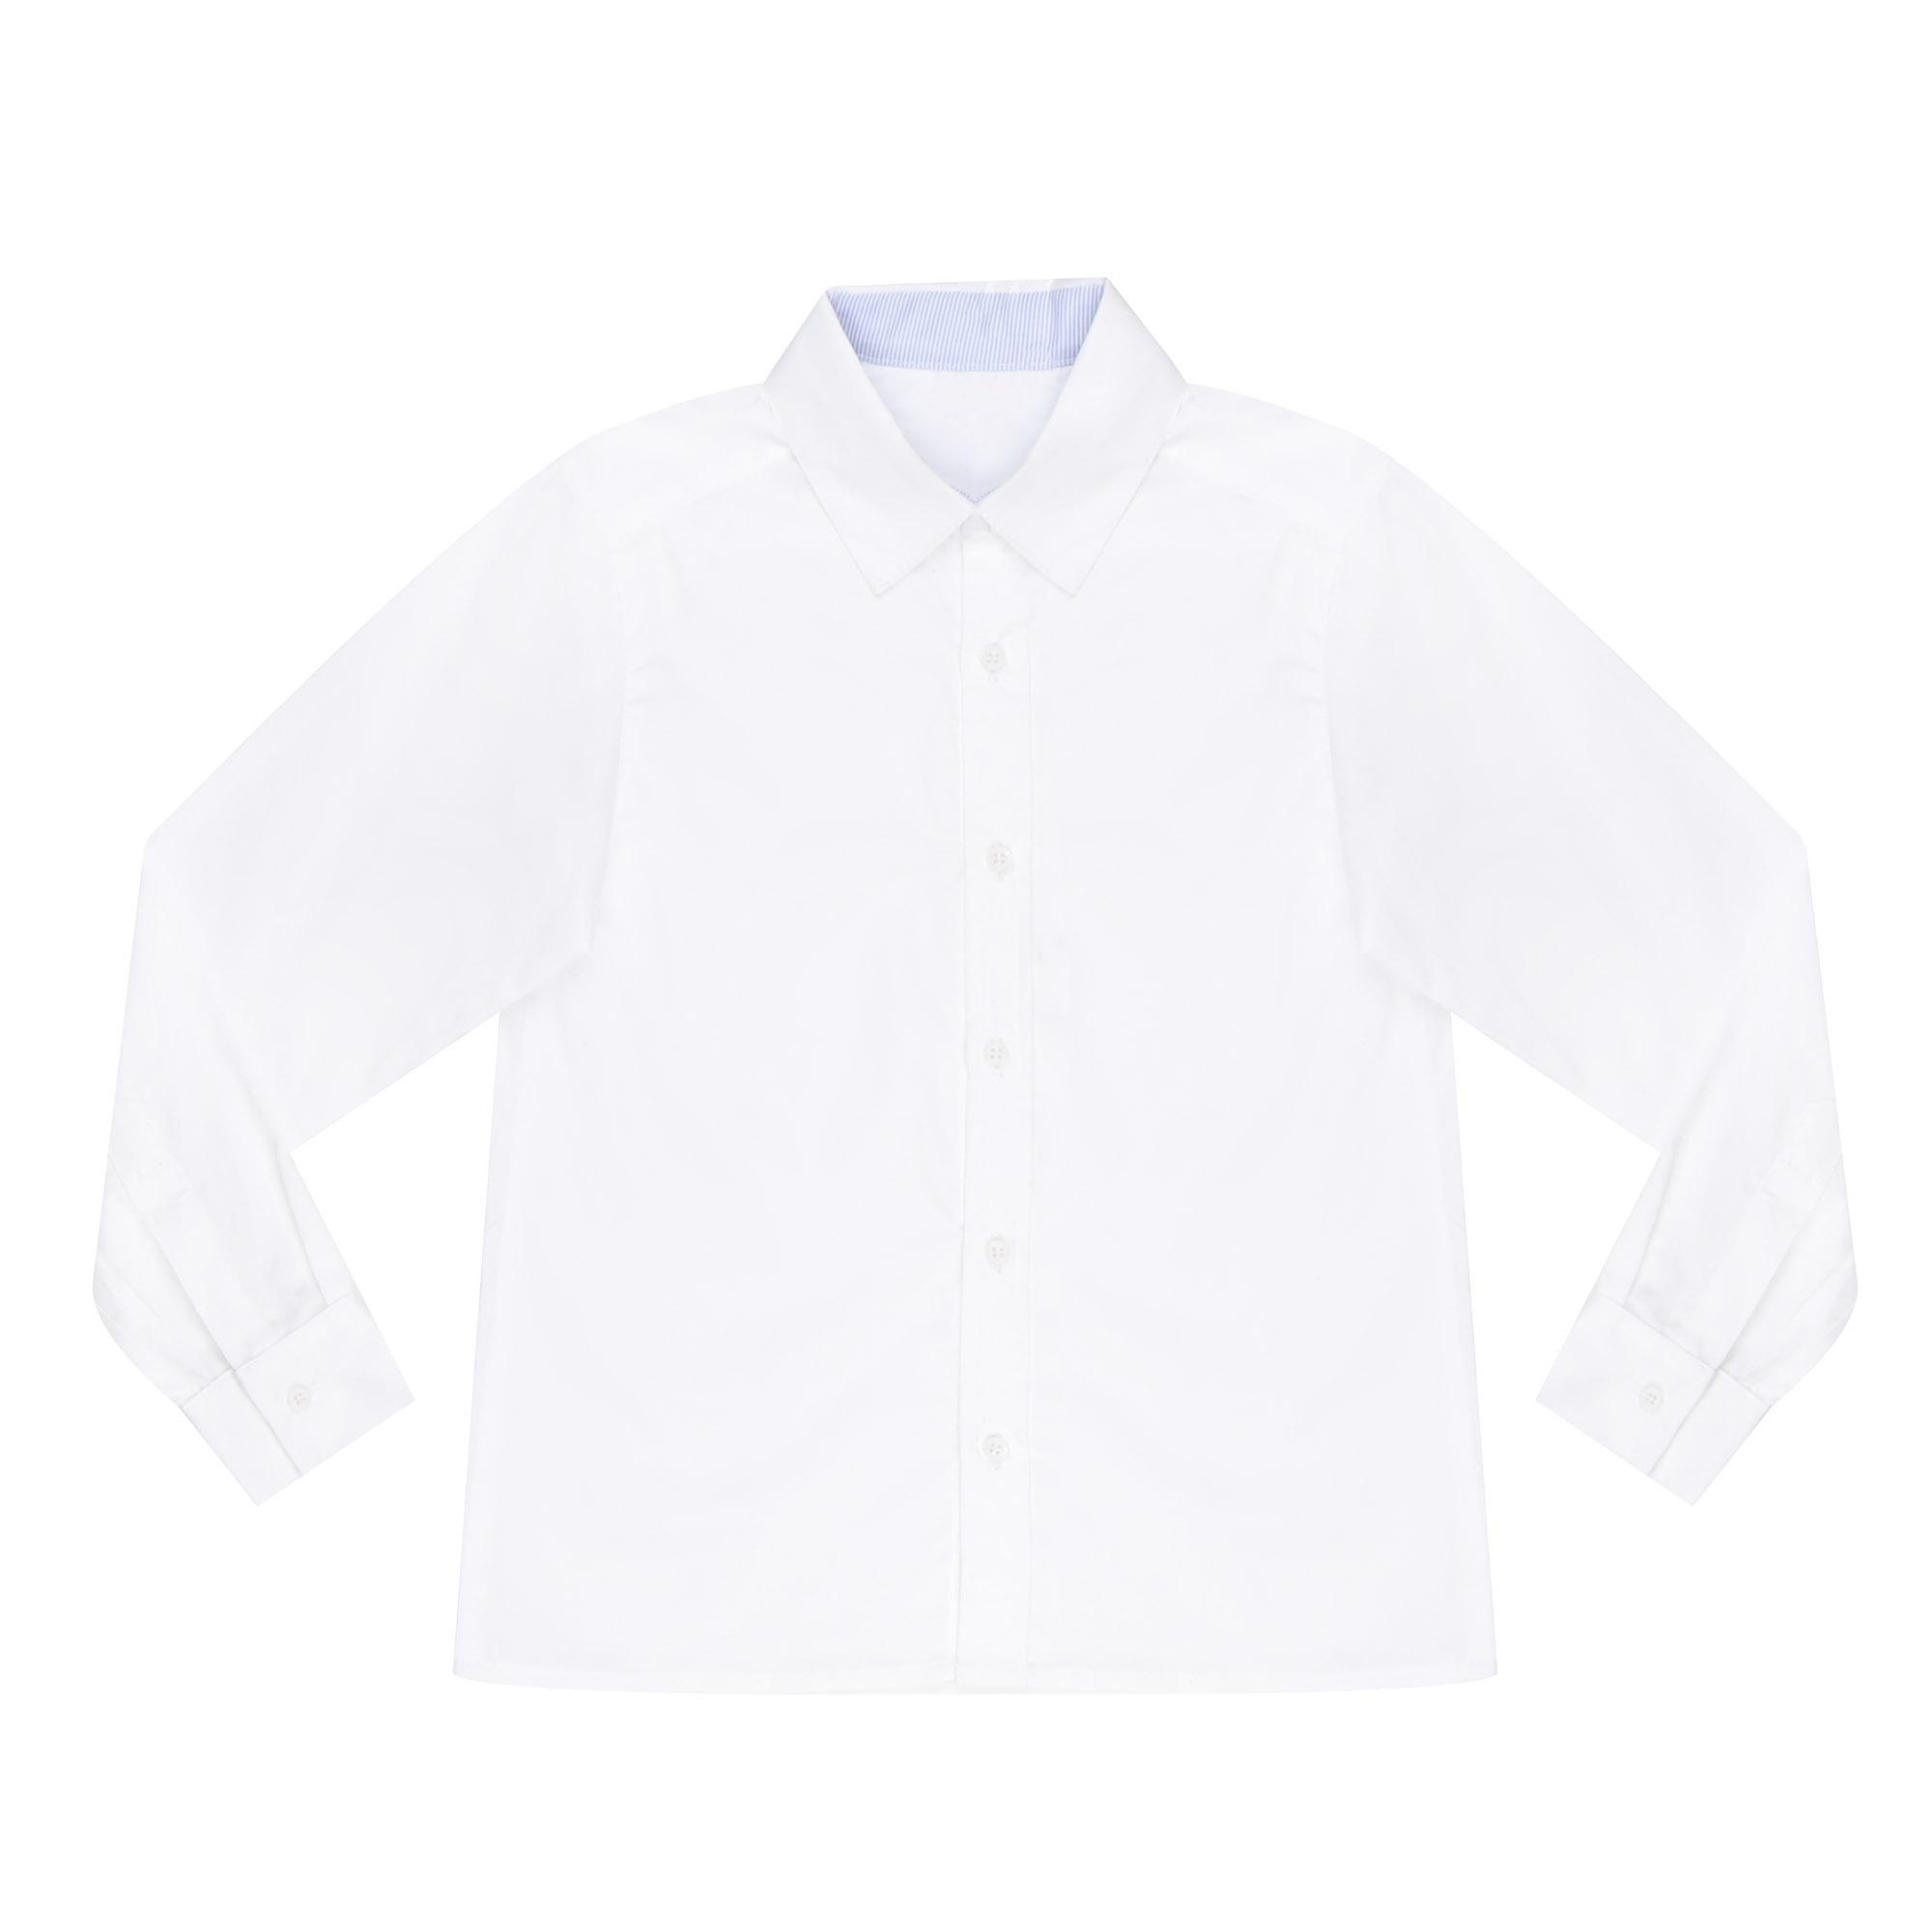 Купить Сорочка для мальчиков КАРАМЕЛЛИ О14448 белая 128, Белый, Для мальчиков, Всесезонный,